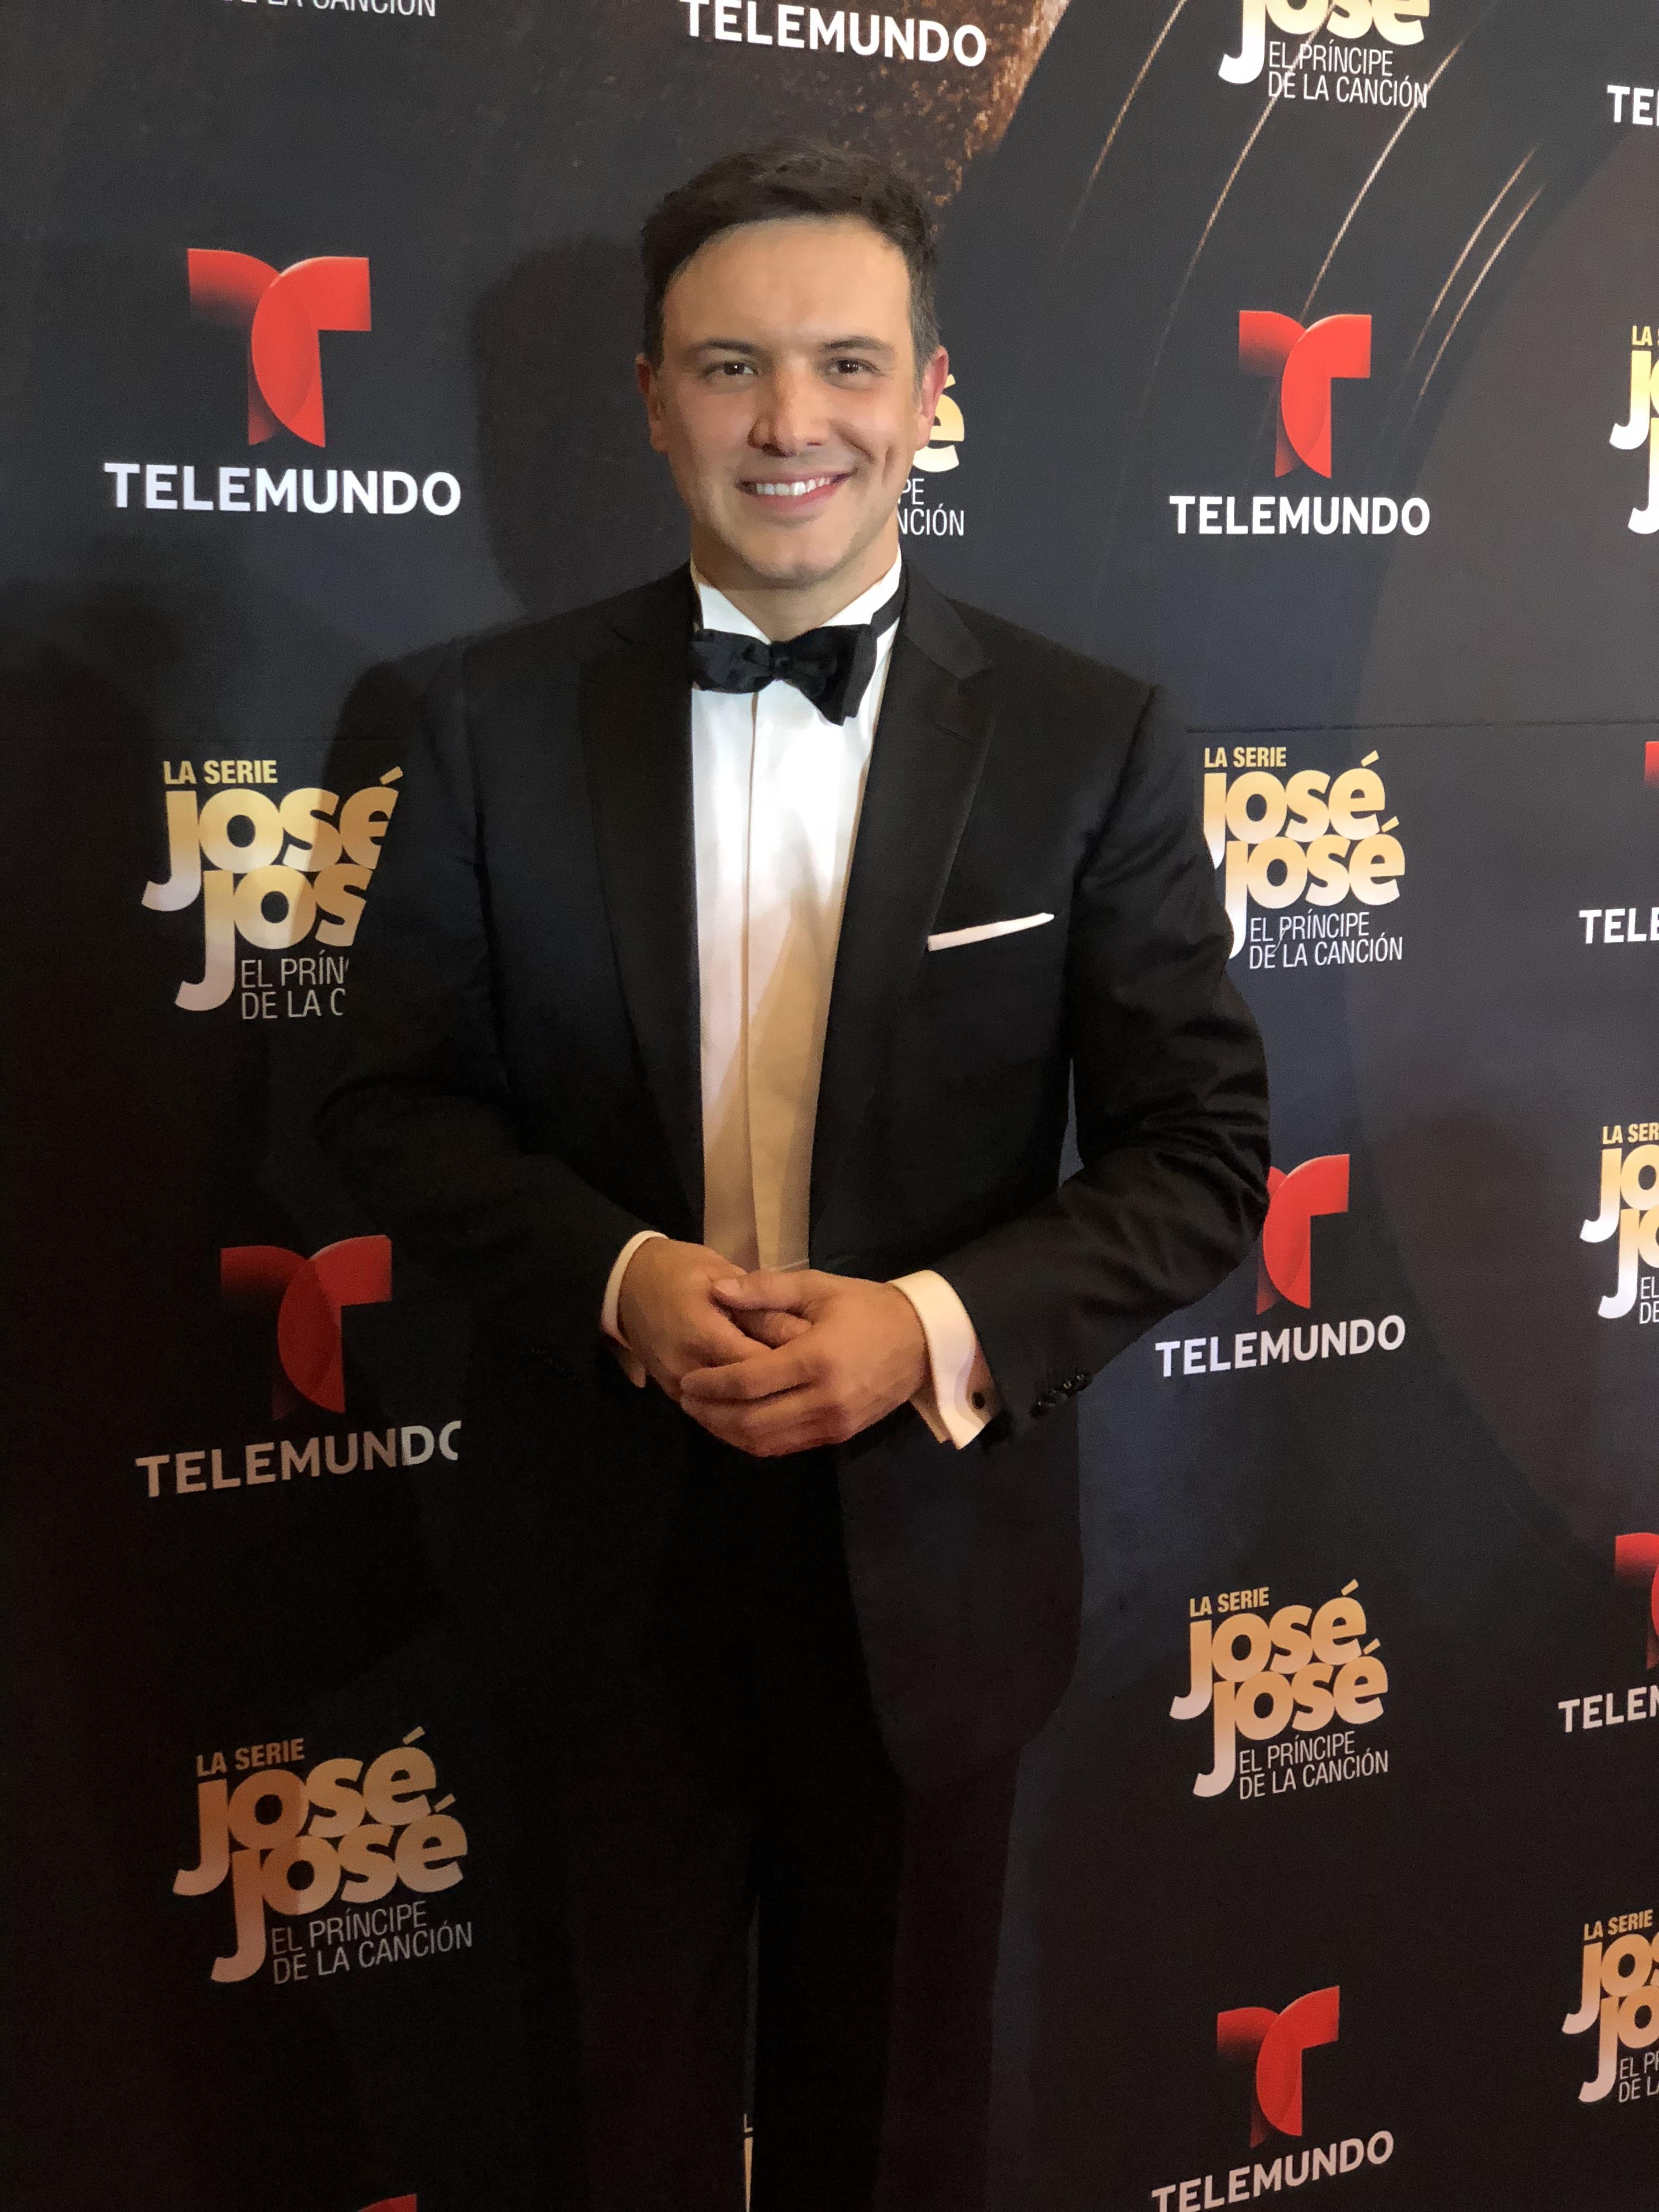 Alejandro de la Madrid da vida a José José en bioserie de Telemundo